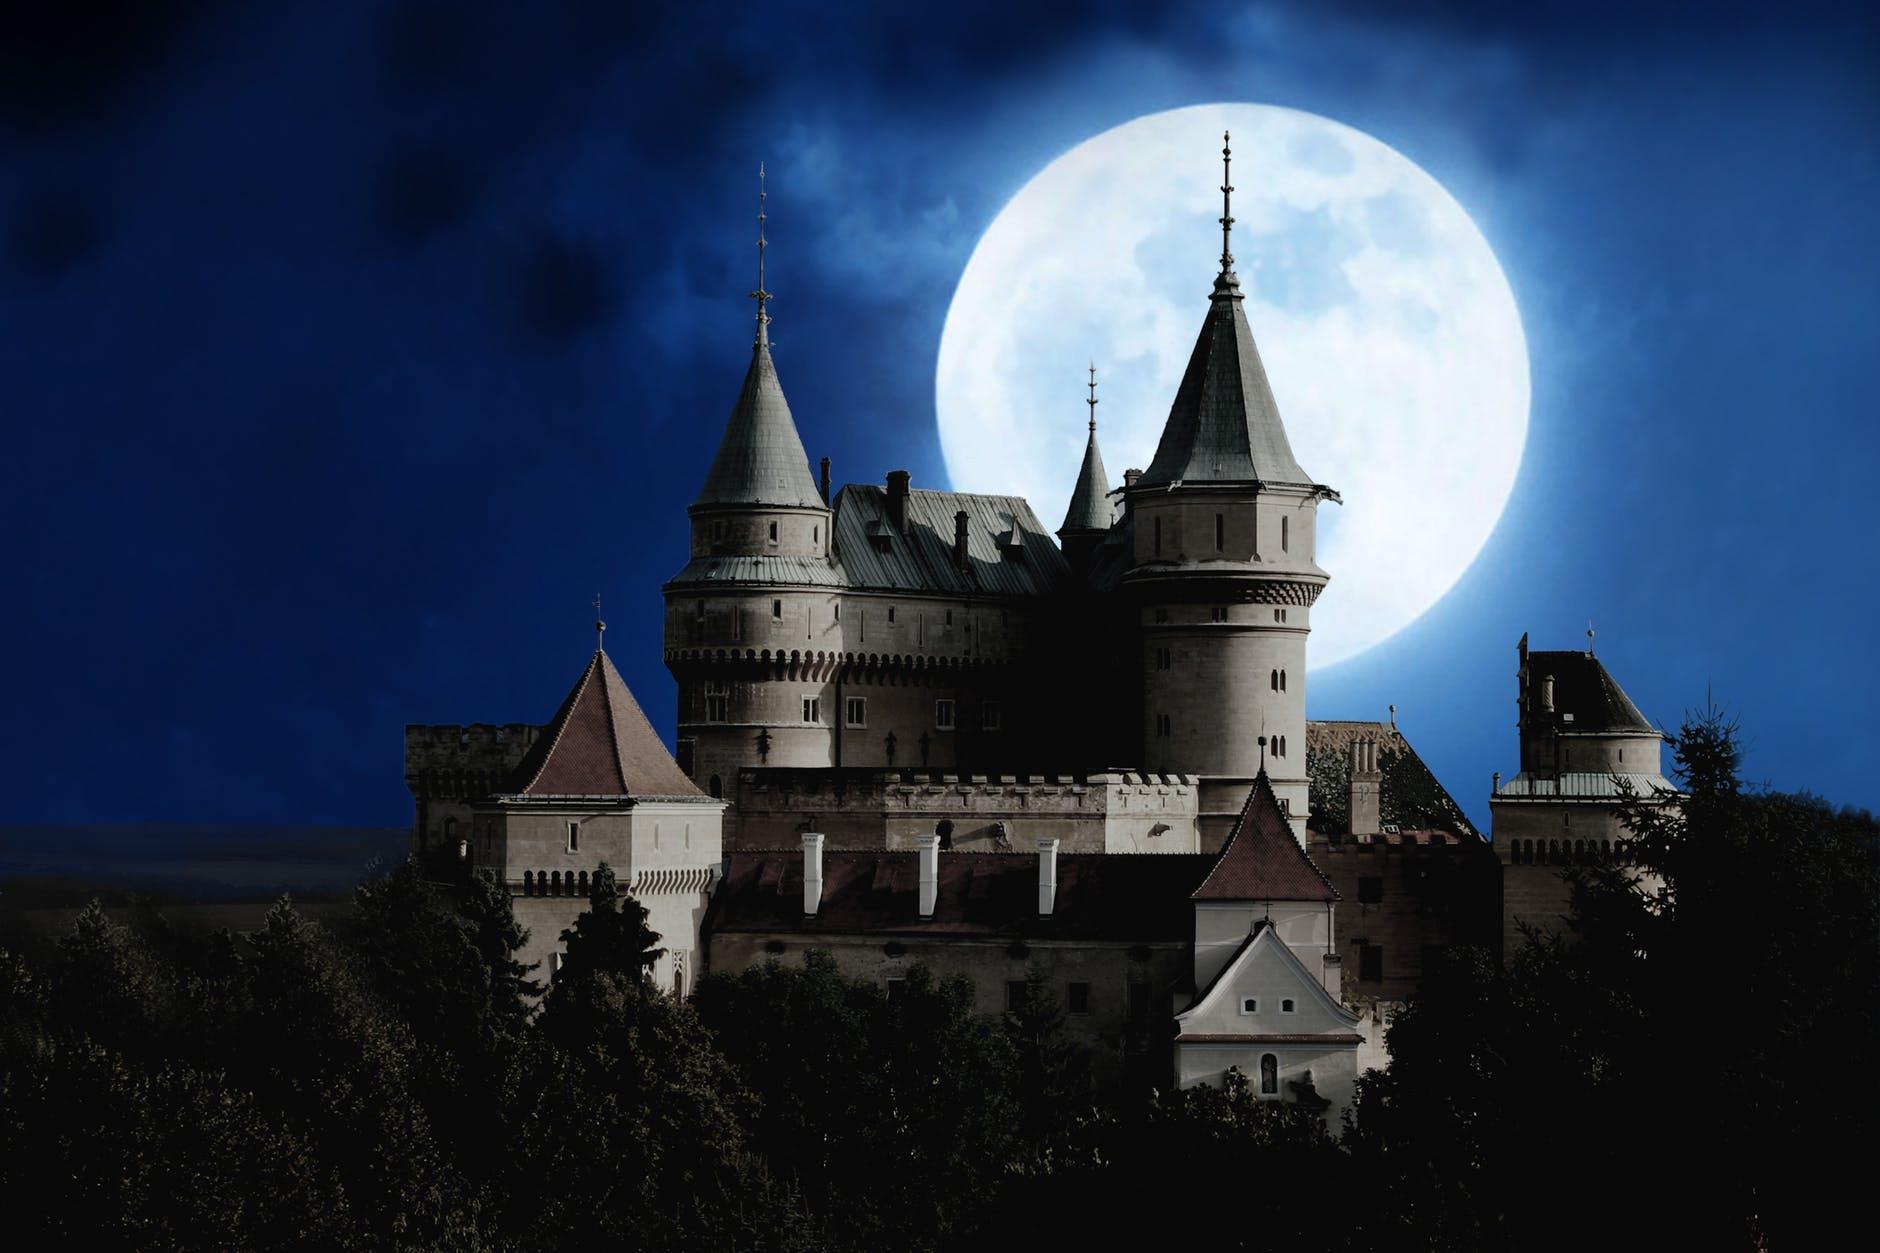 architecture building castle clouds